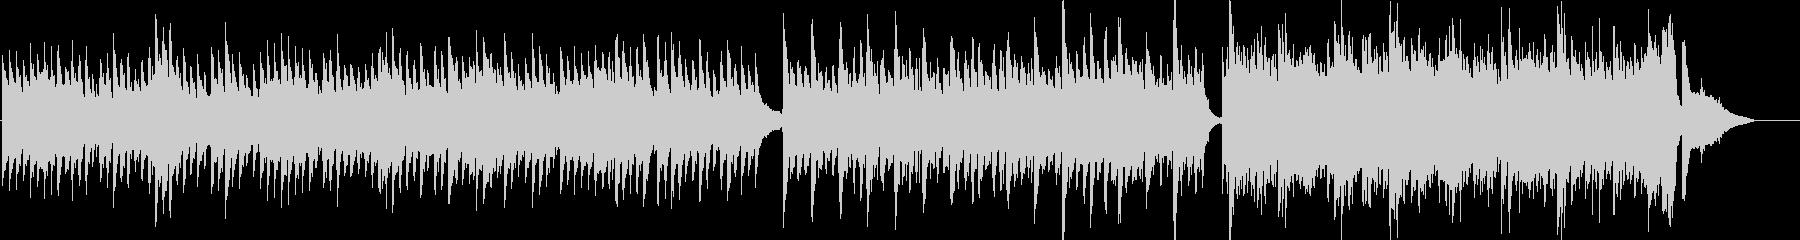 ピアノとストリングスの優しい曲07の未再生の波形